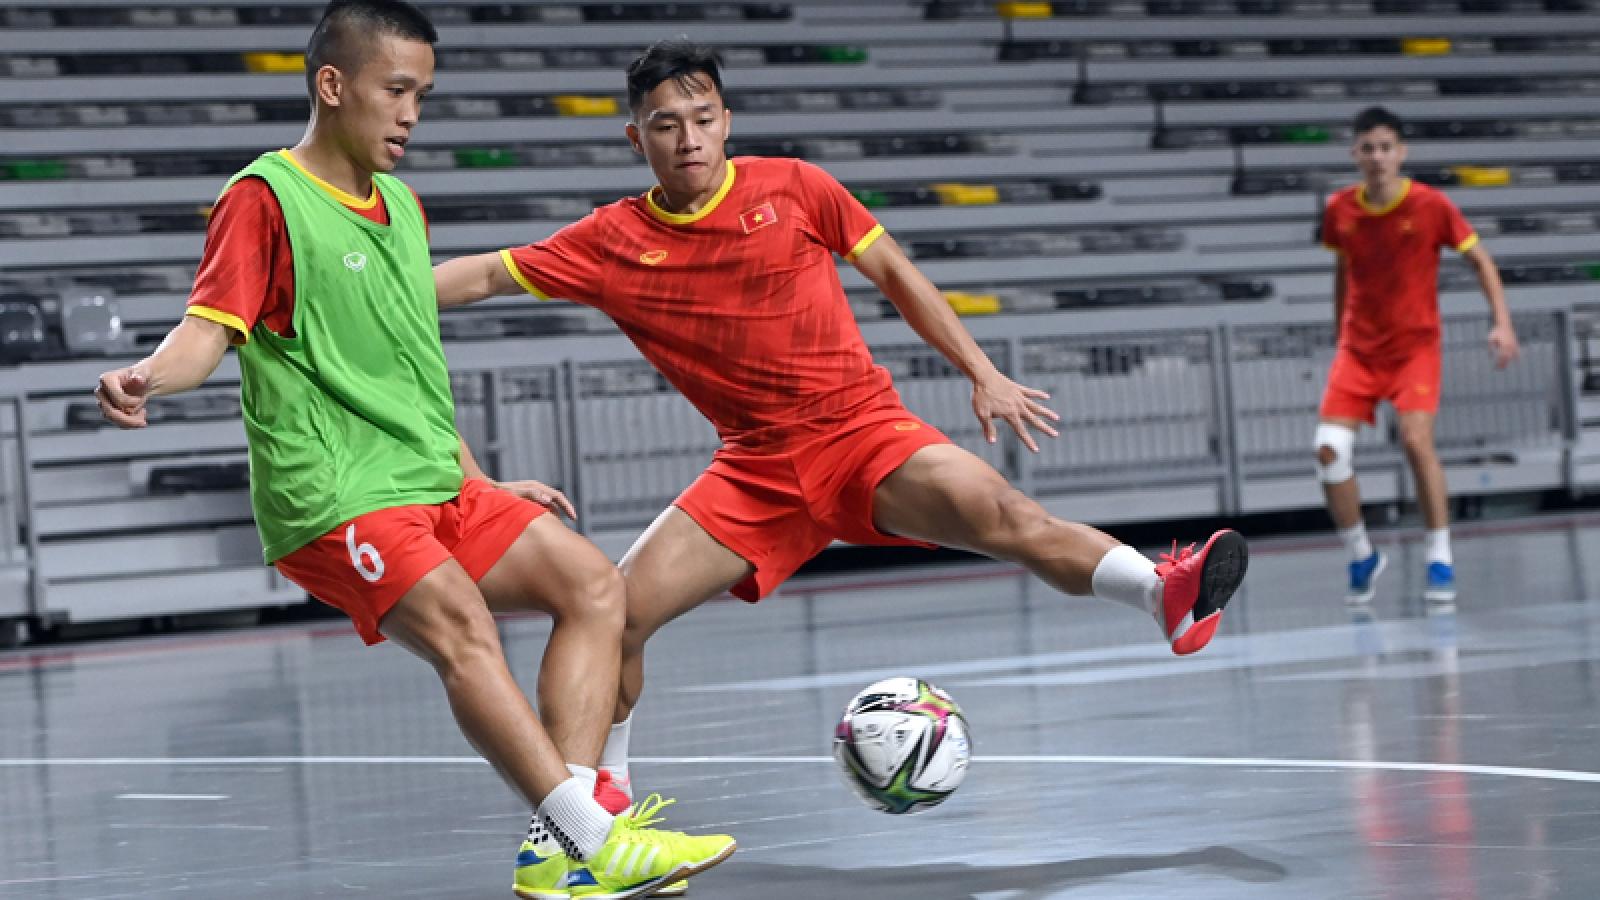 ĐT Futsal Việt Nam chạm trán đội bóng số 1 thế giới trước thềm World Cup